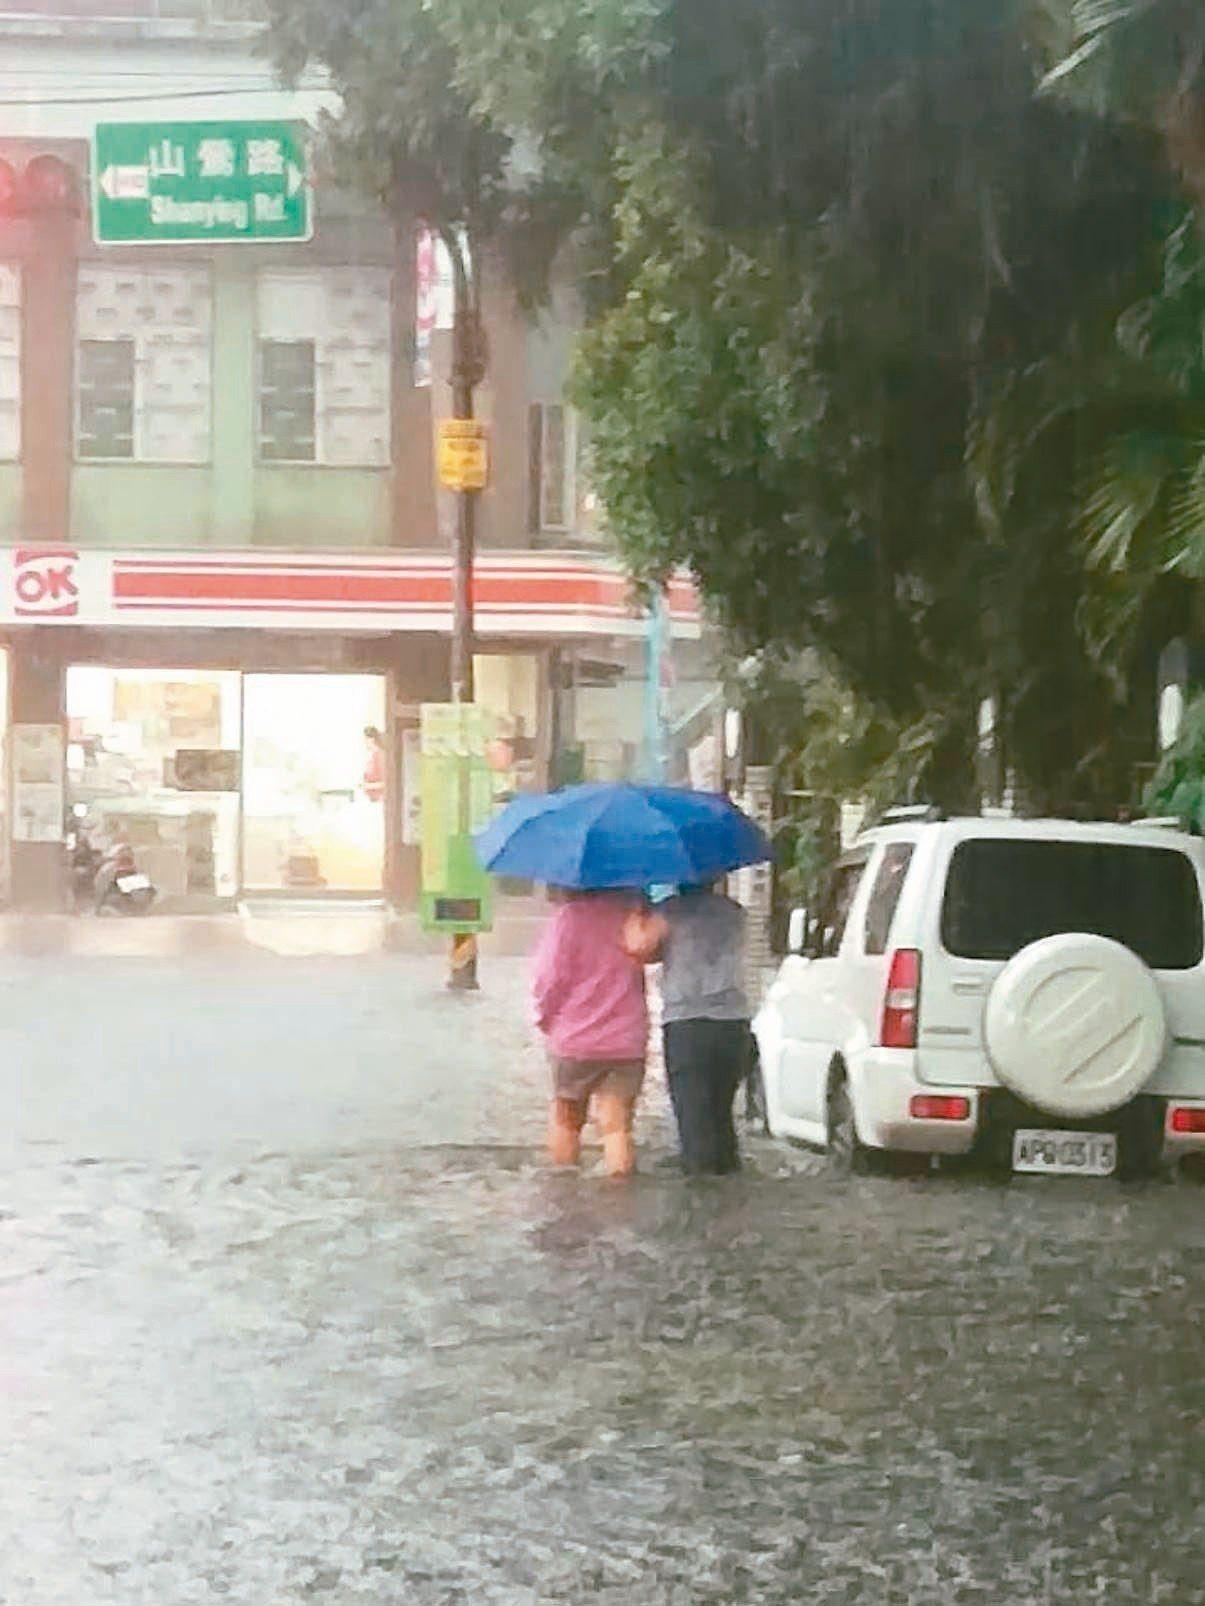 桃園龜山昨天上午瞬間豪雨,包括機捷A8站、興業街一帶再度淹水,積水最深達30公分...